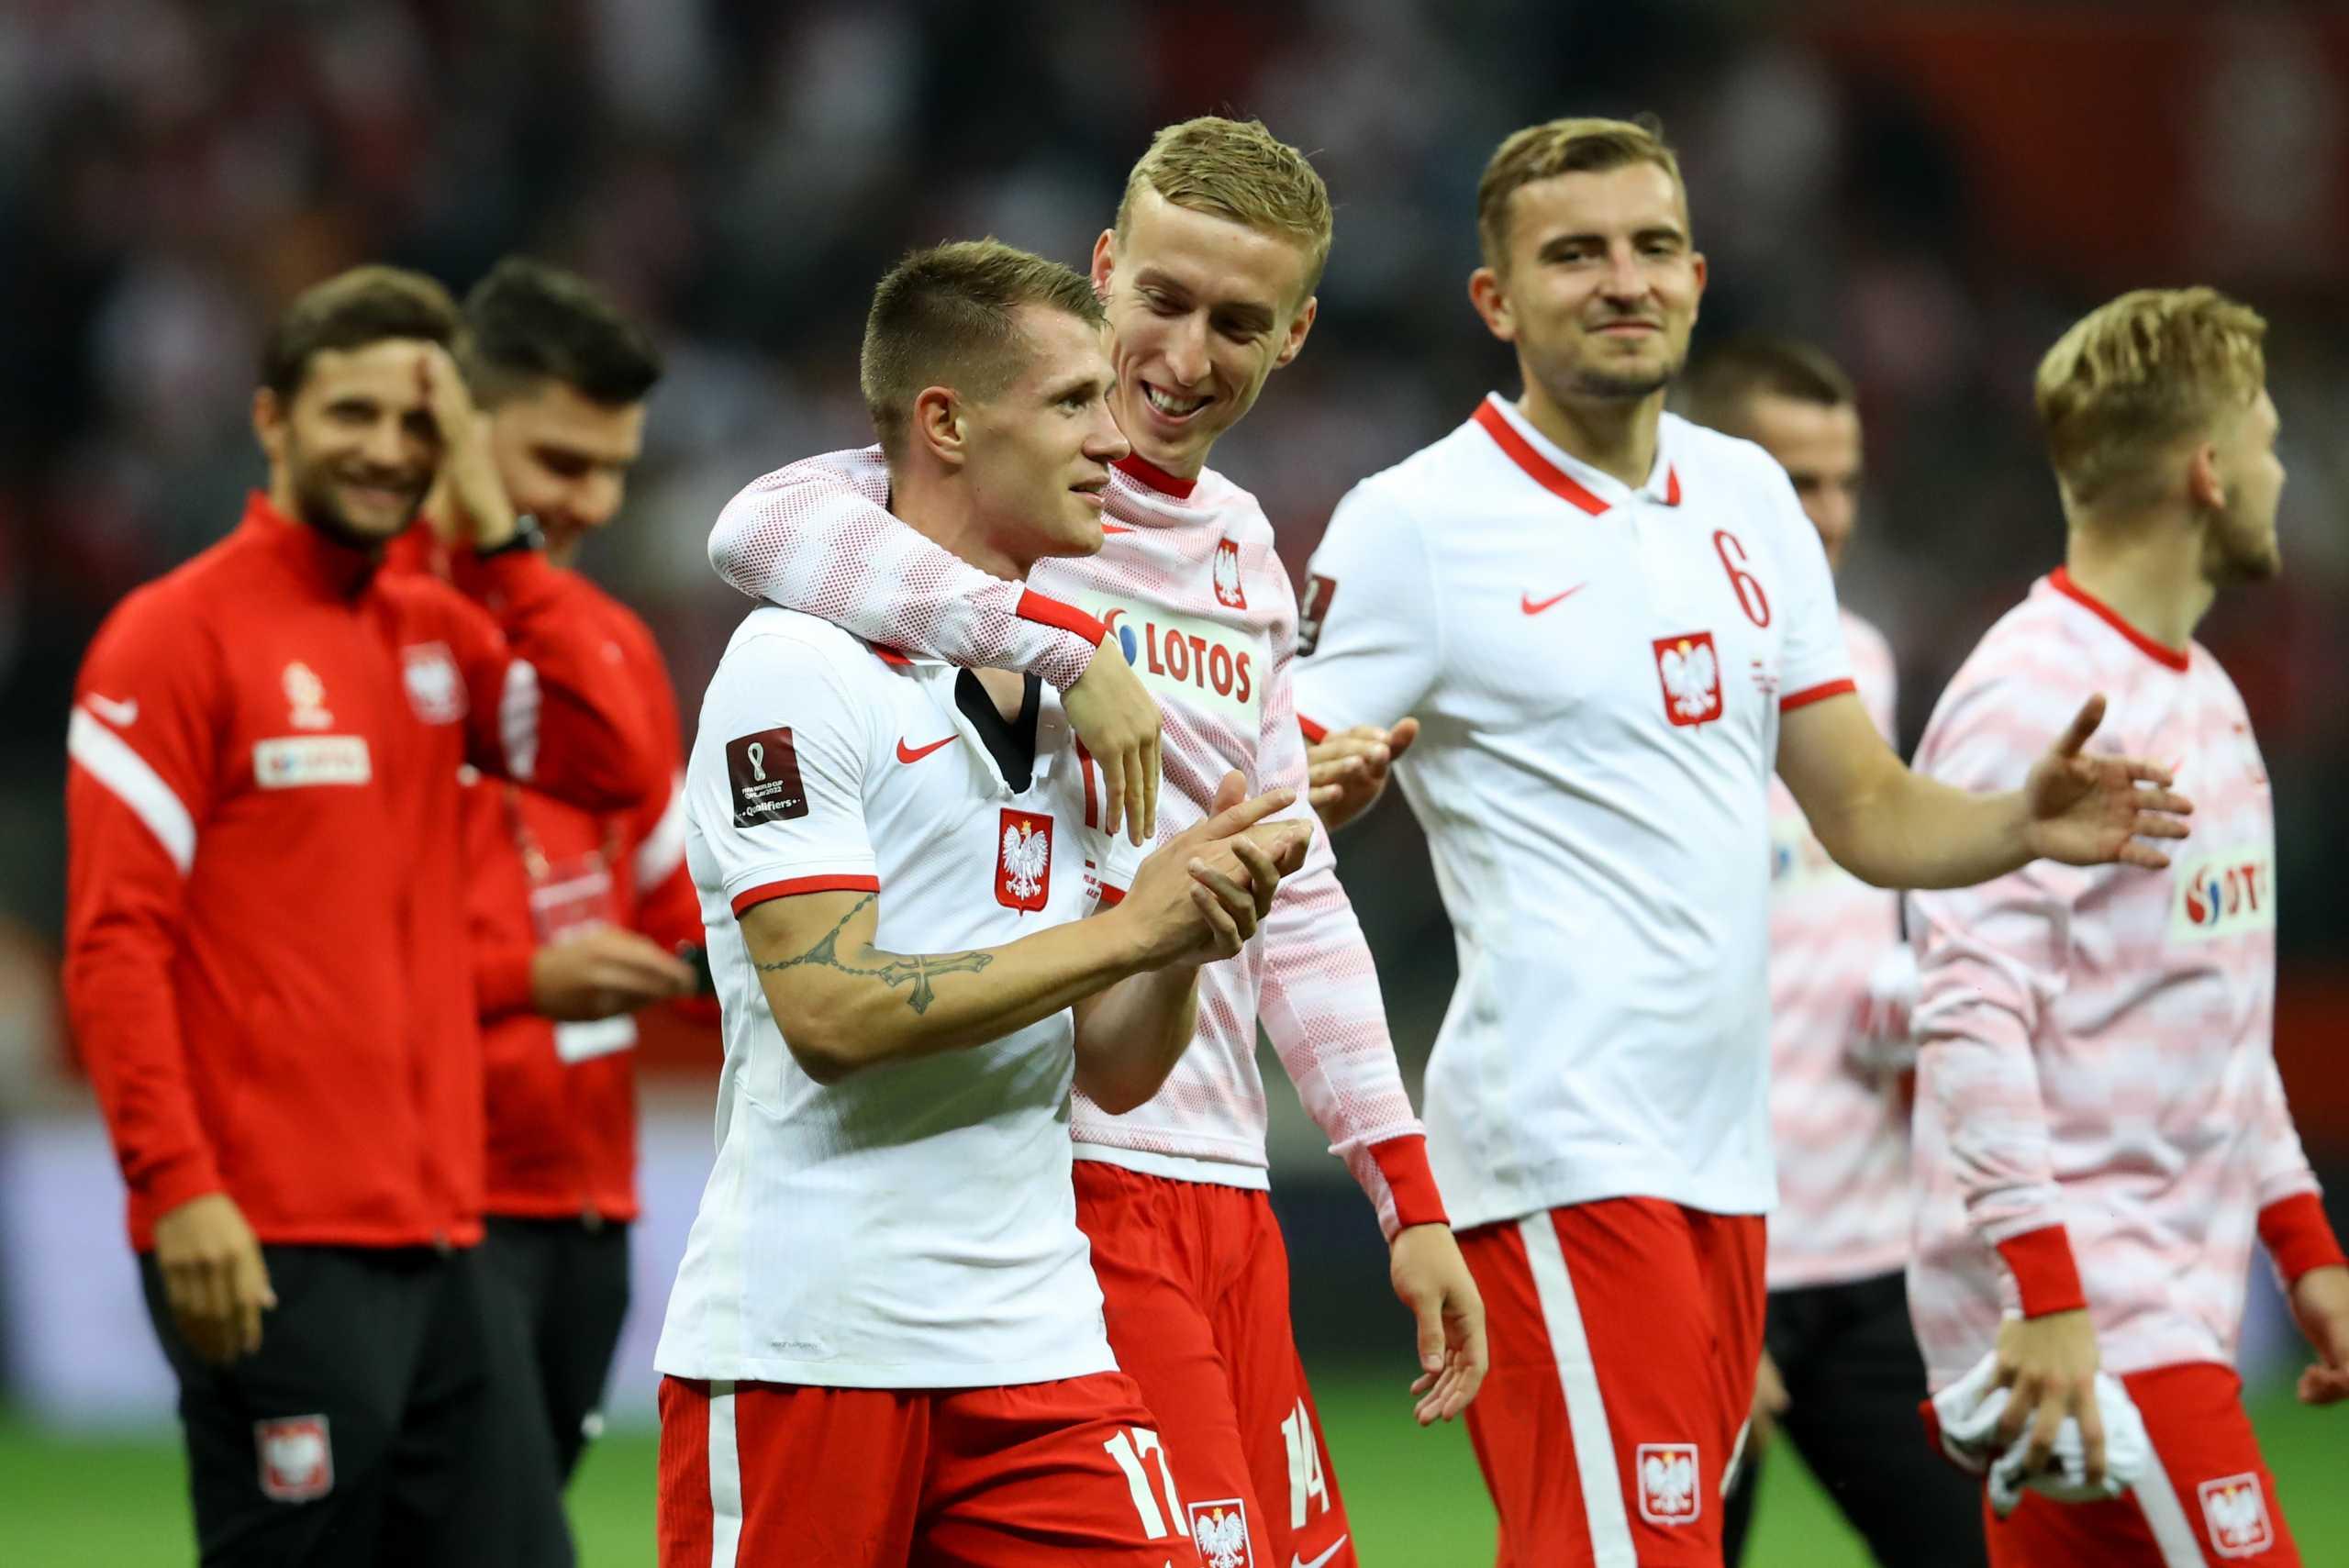 Πολωνία – Αγγλία 1-1: Το γκολ του Σιμάνσκι «έσβησε» το απίστευτο τέρμα του Κέιν